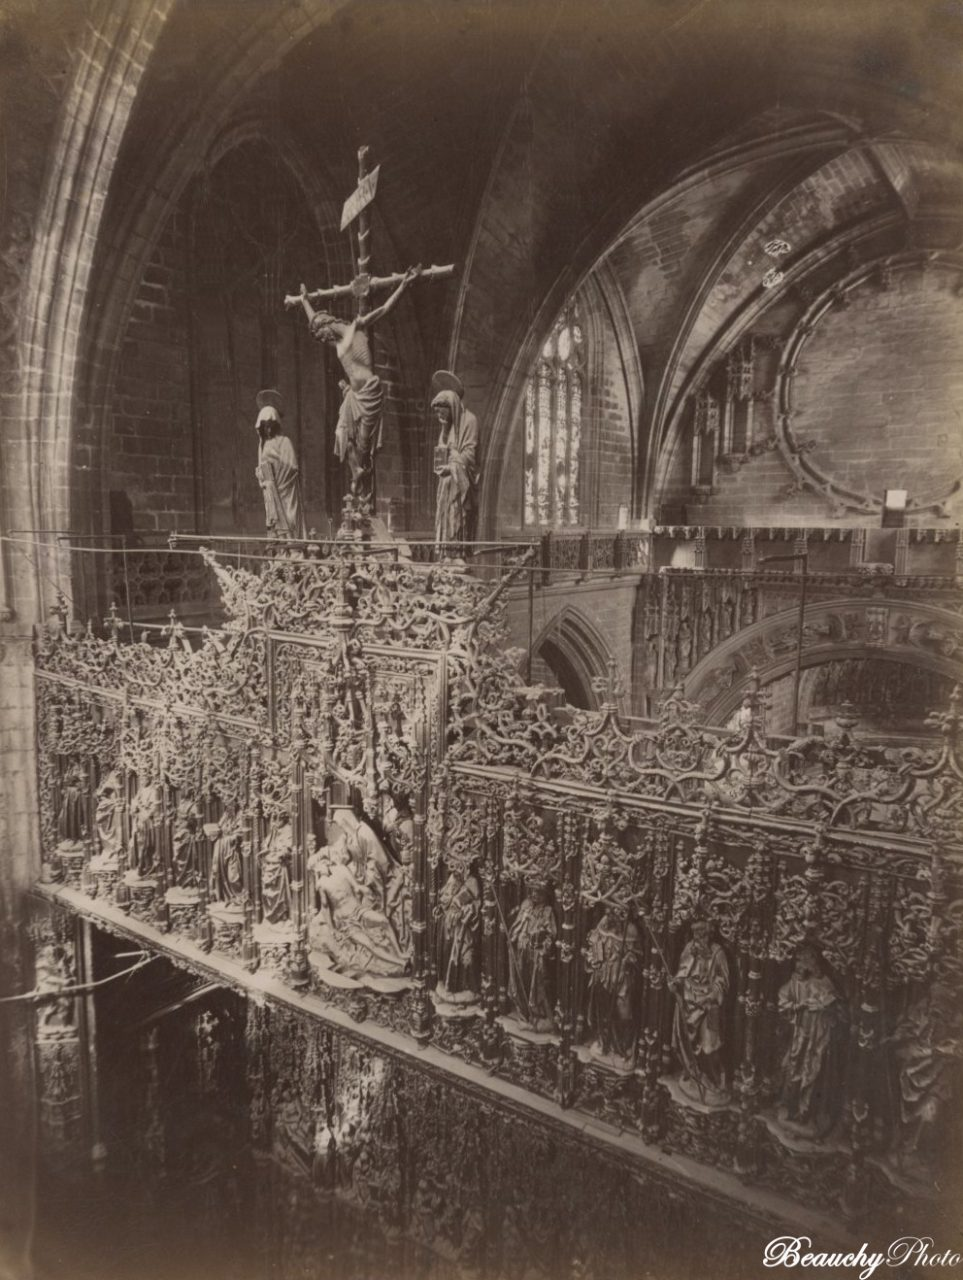 Beauchyphoto_Interior_de_la_Catedral_parte_alta_del_Altar_Mayor_Sevilla_c.1875_Emilio_Beauchy_Cano_fotografias_antiguas_postales_vistas_y_monumentos